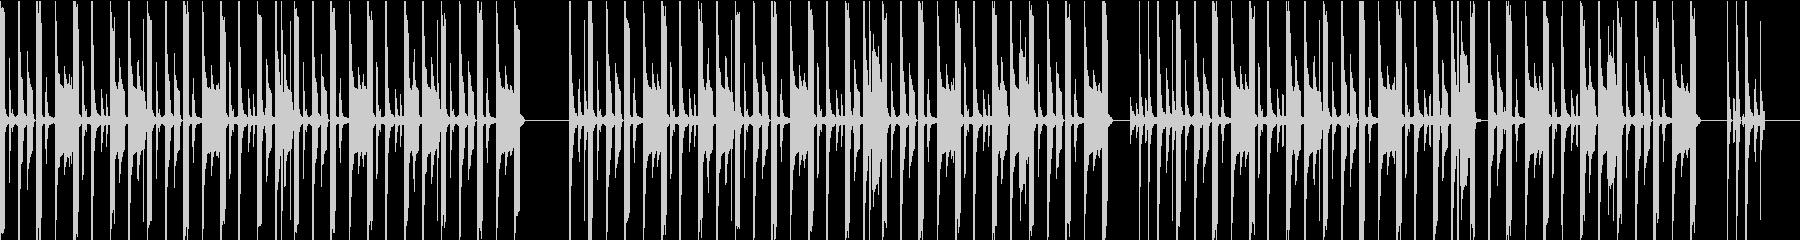 シンプルなリズムのchill hopの未再生の波形